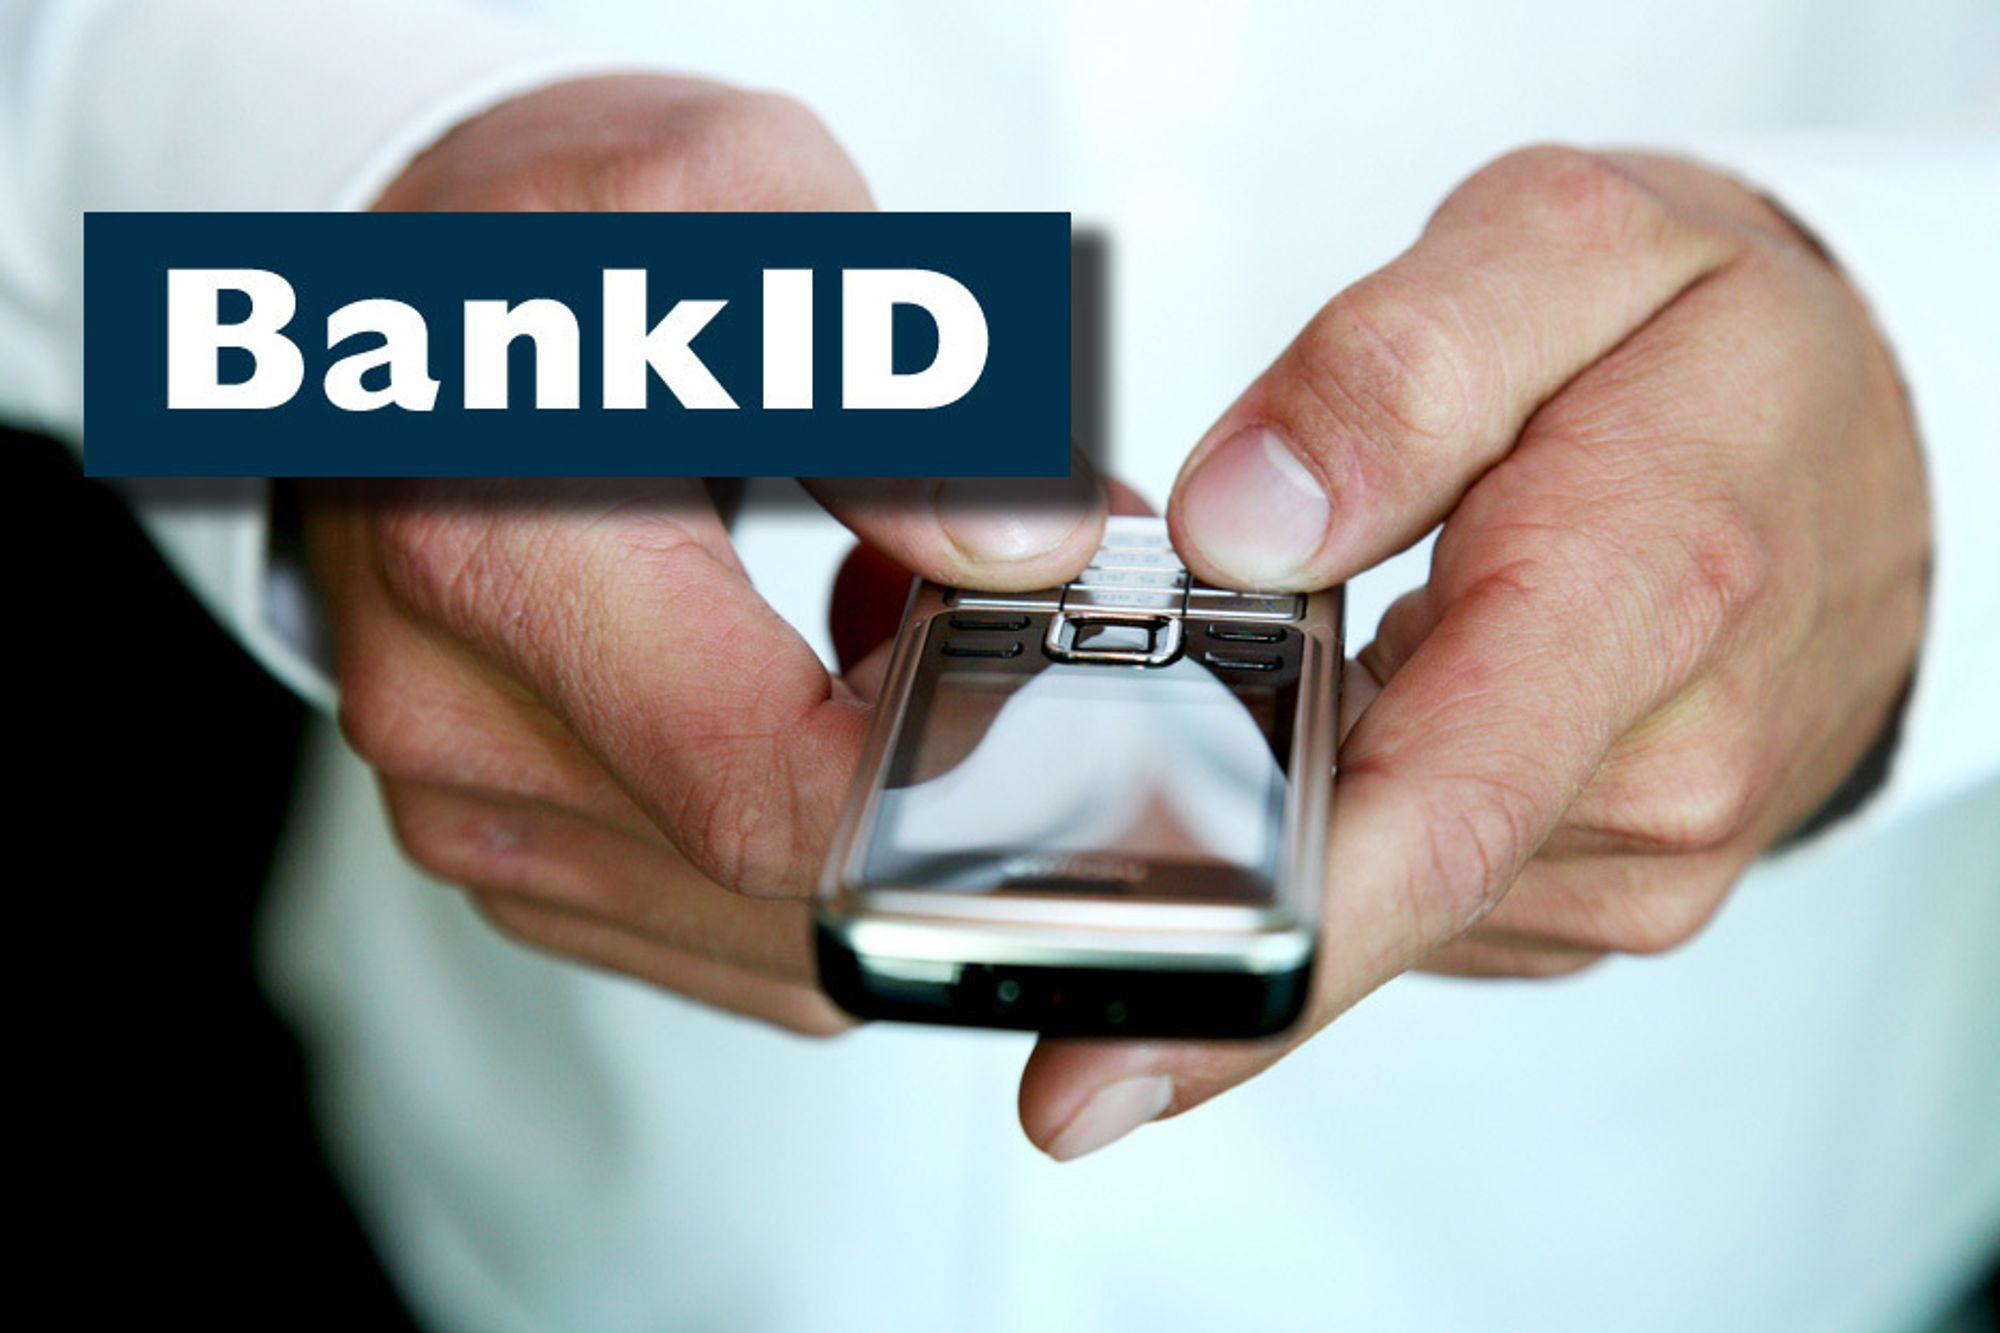 Klart for BankID på mobilen